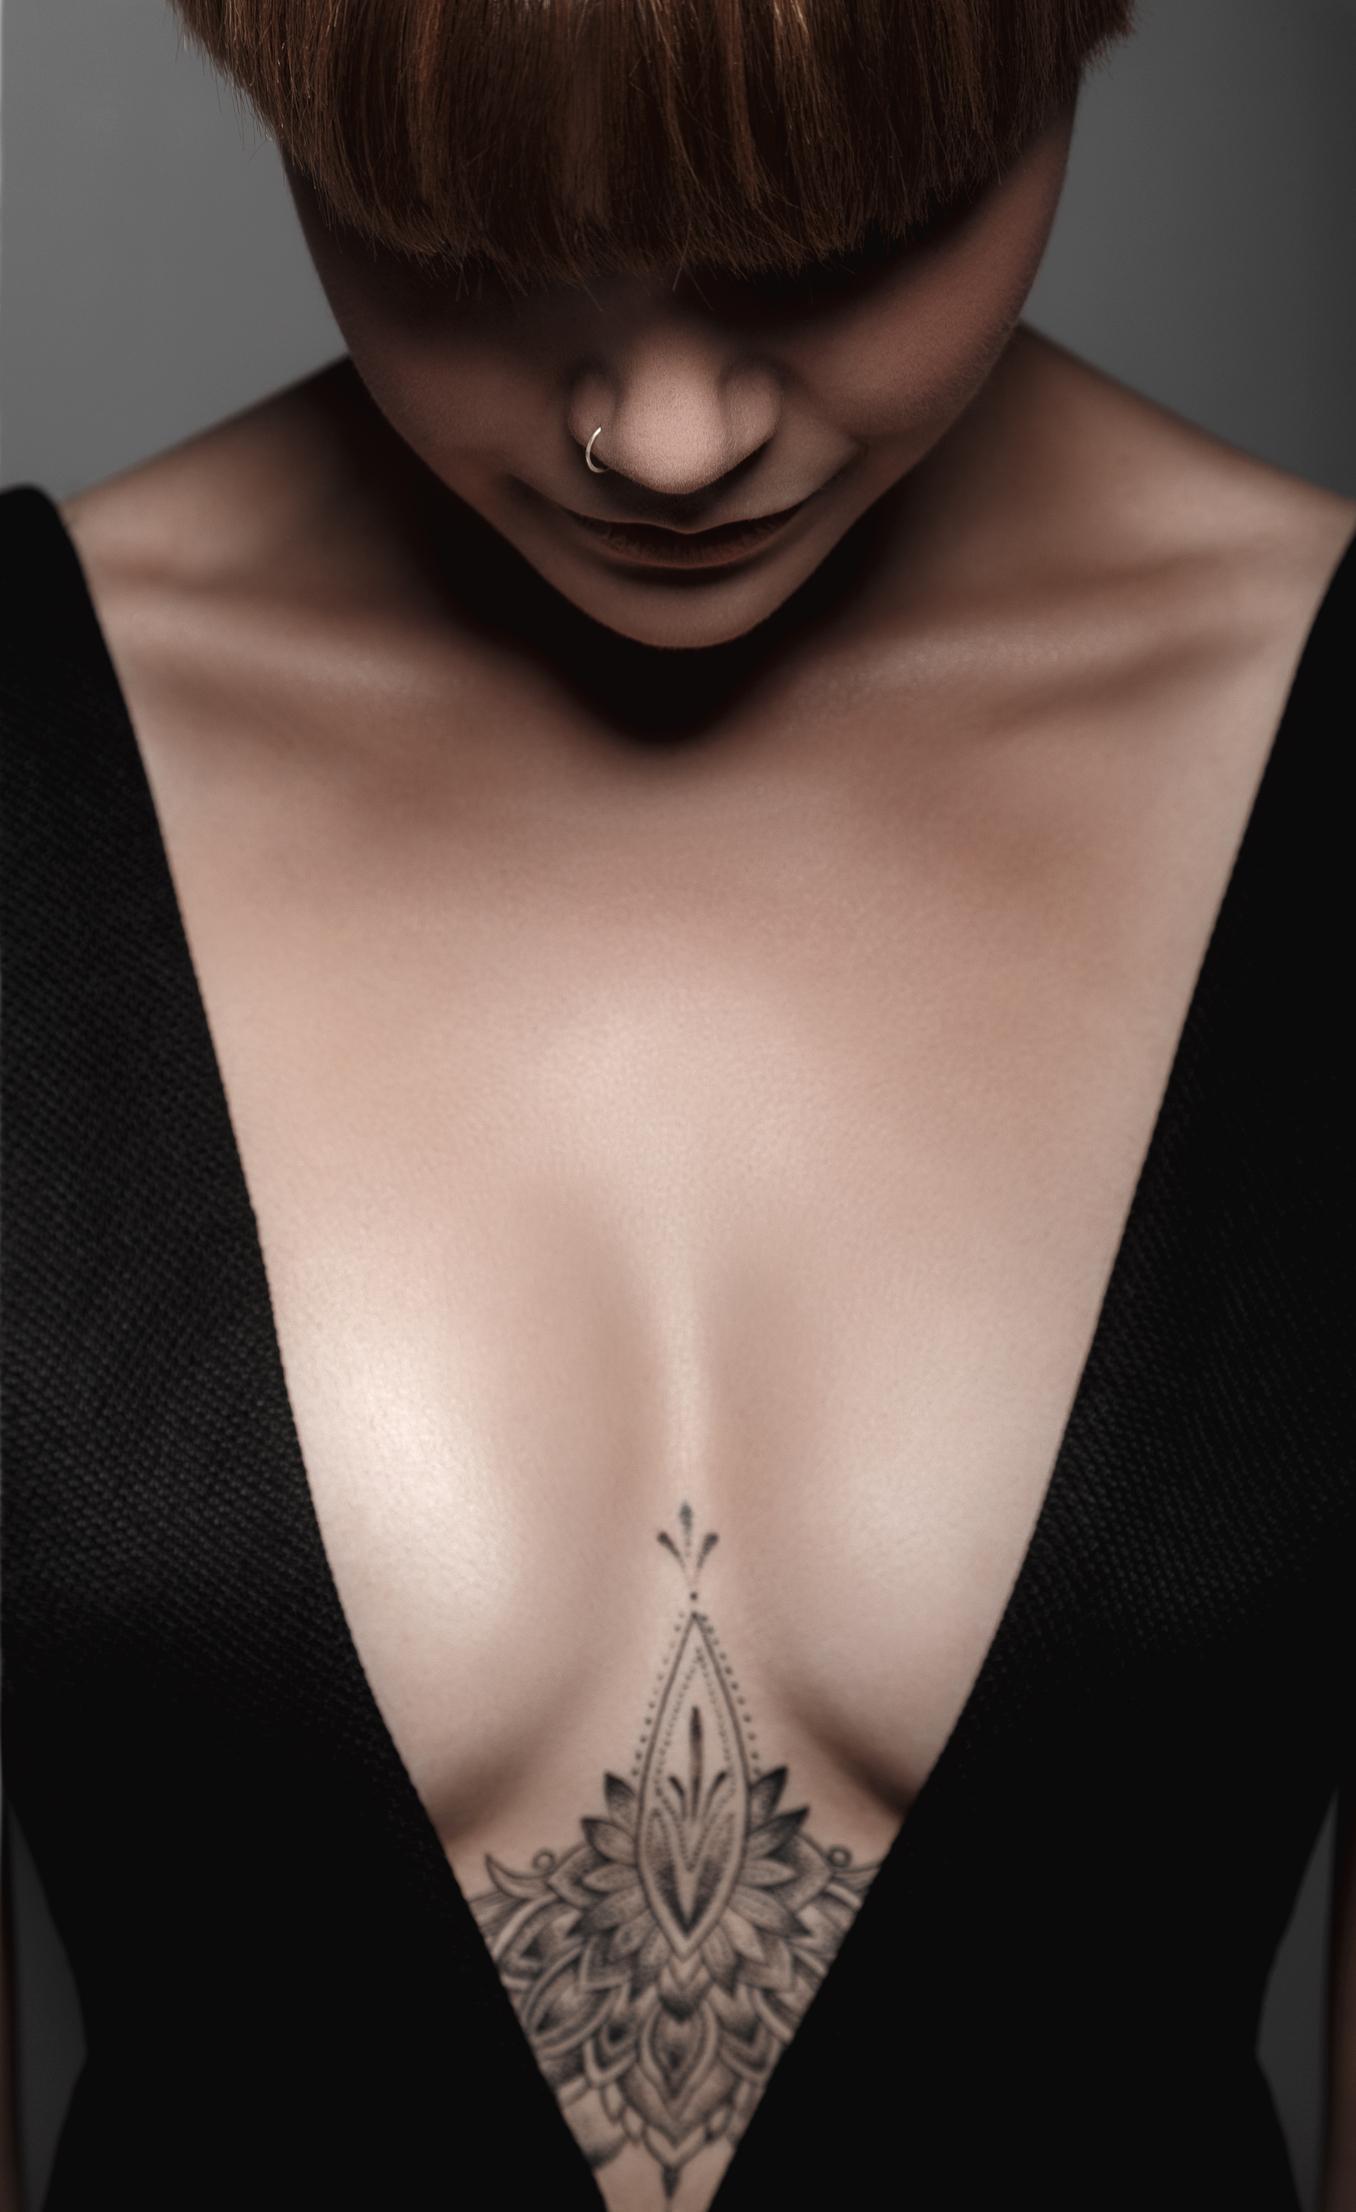 Diese Tattoos unter der Brust sind SO schön! | erdbeerlounge.de - Dekollete Tattoo Frau